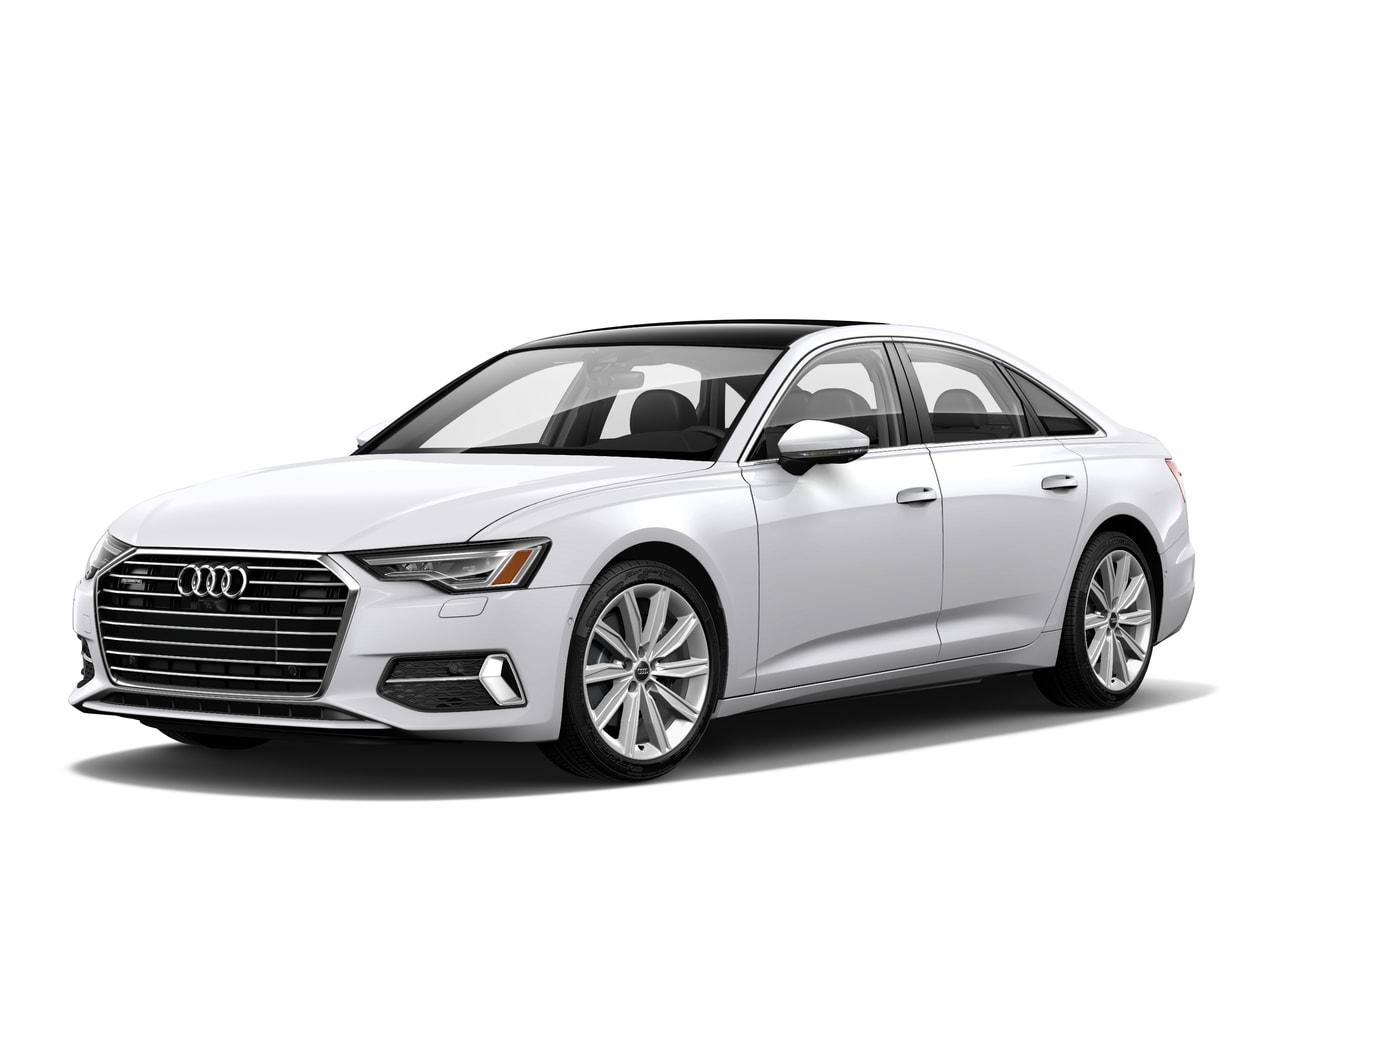 2019 Audi A6 Premium Plus 45 TFSI quattro